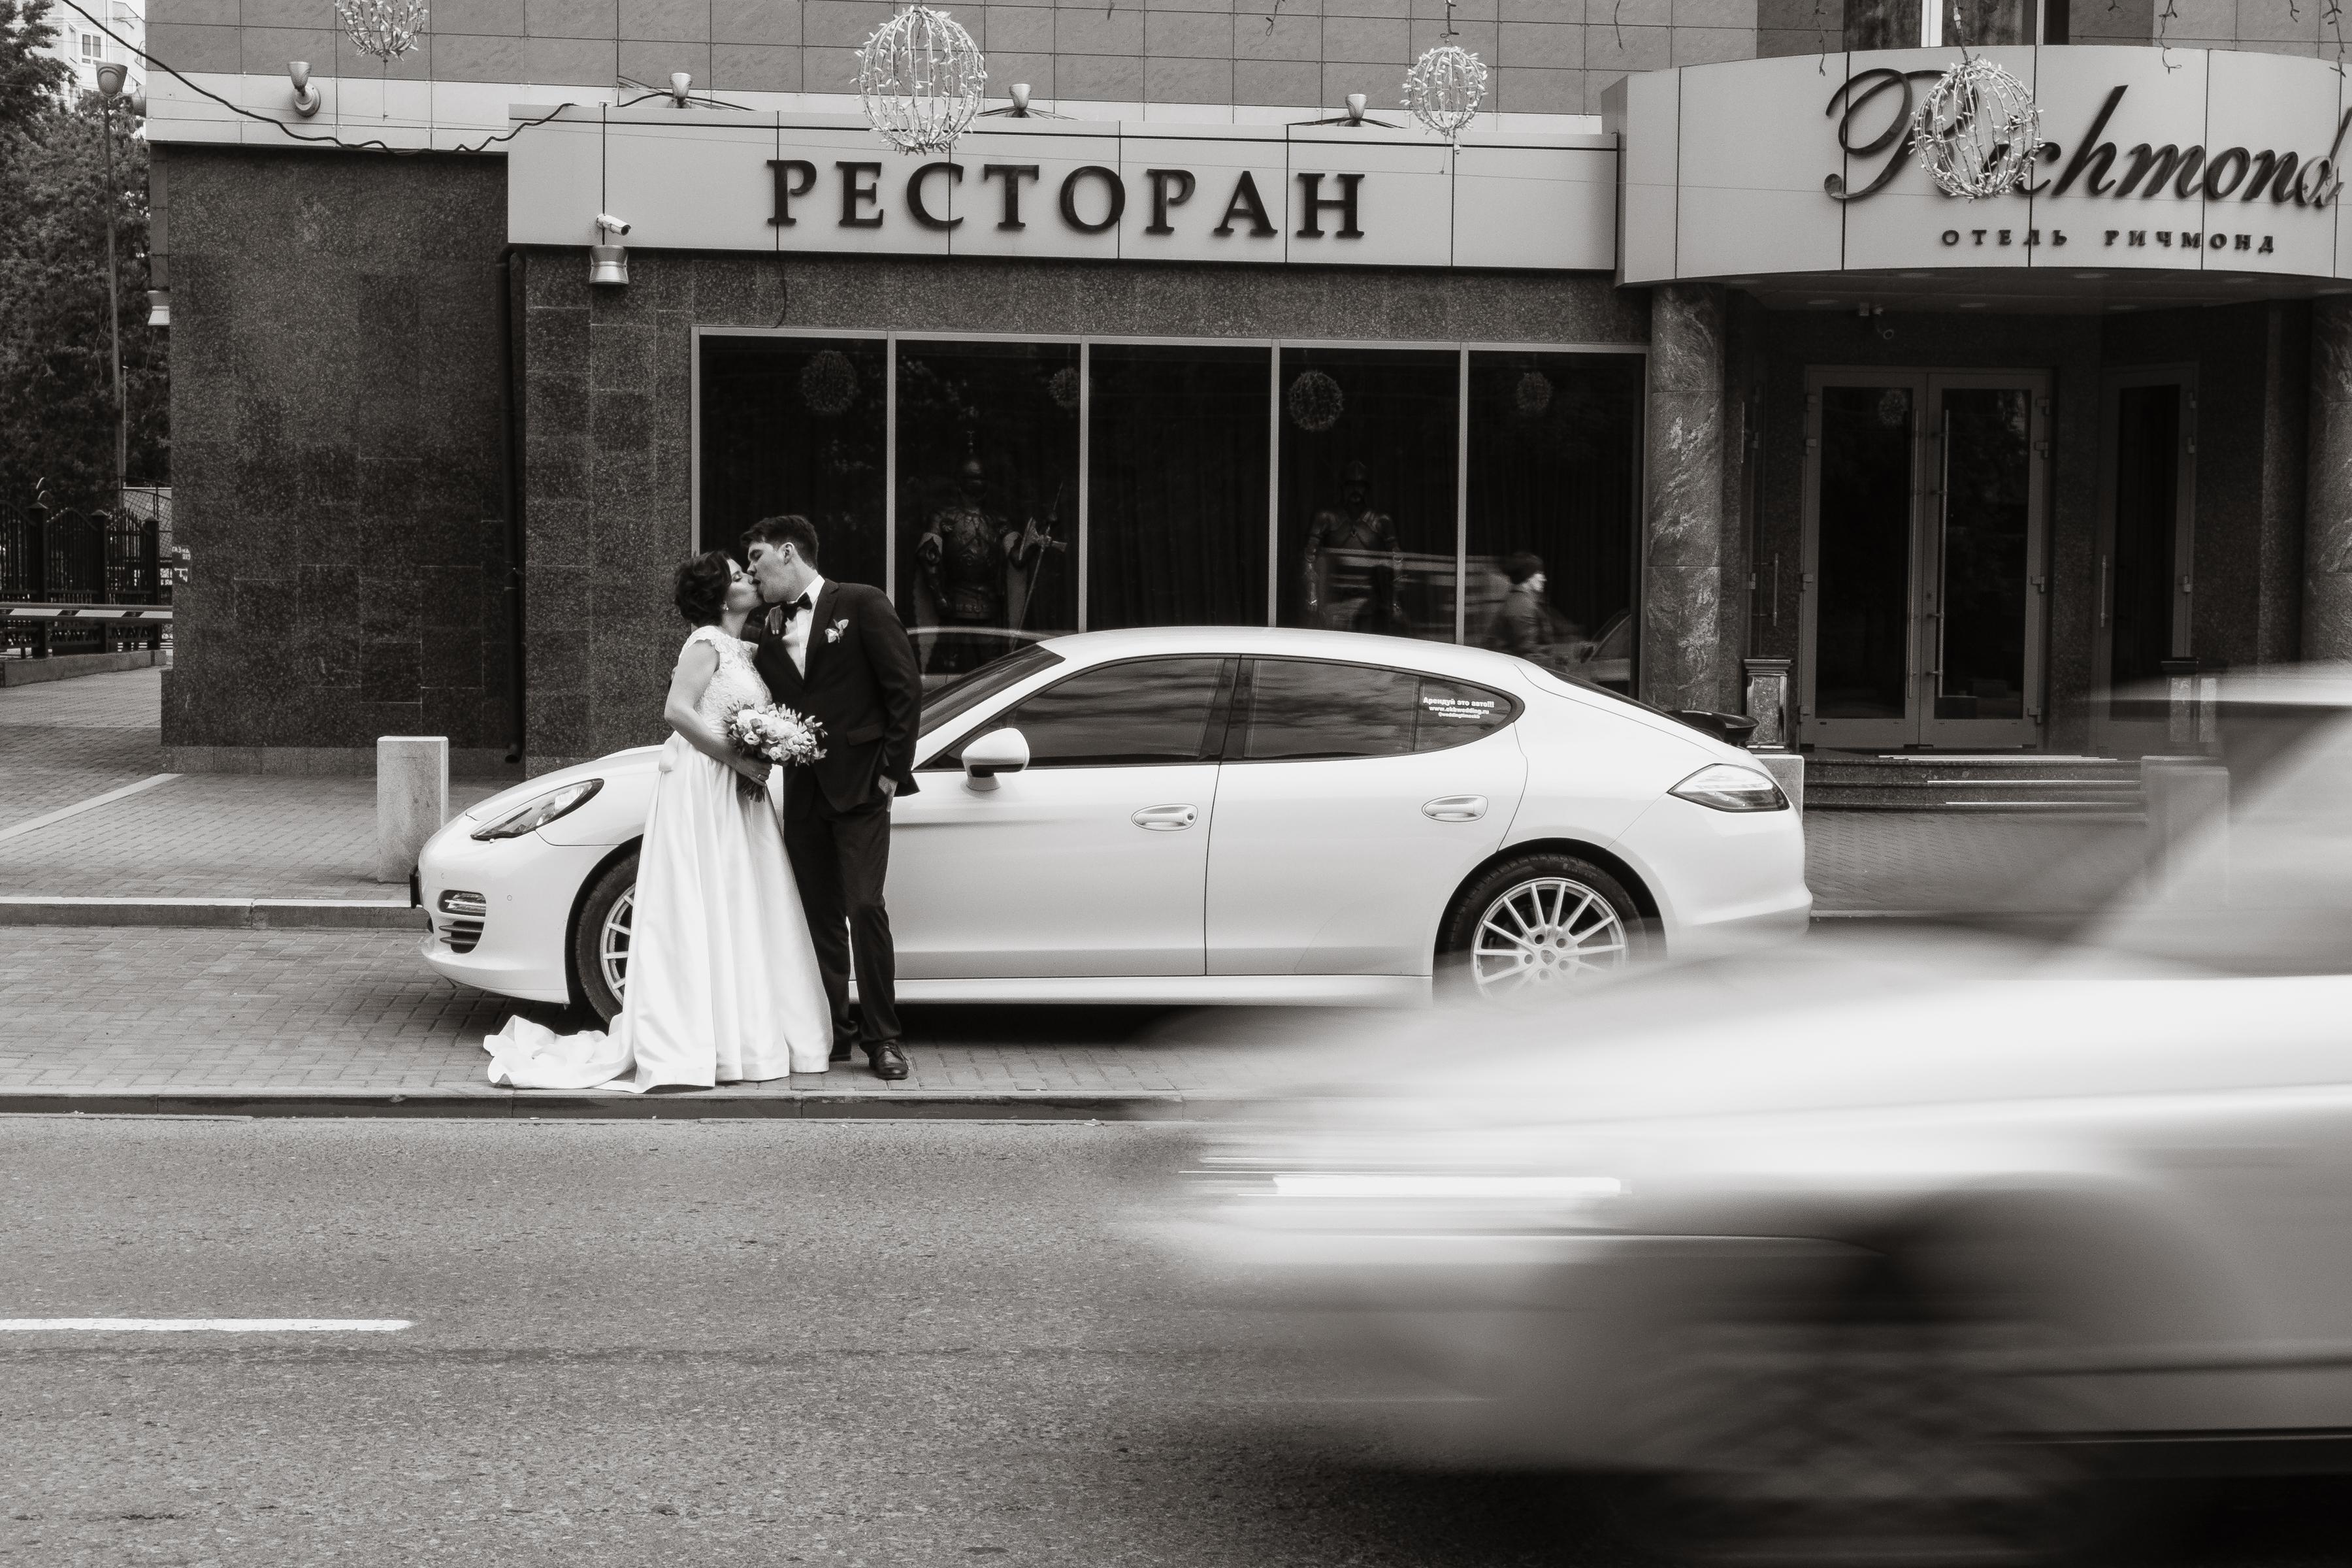 Ричмонд в Екатеринбурге